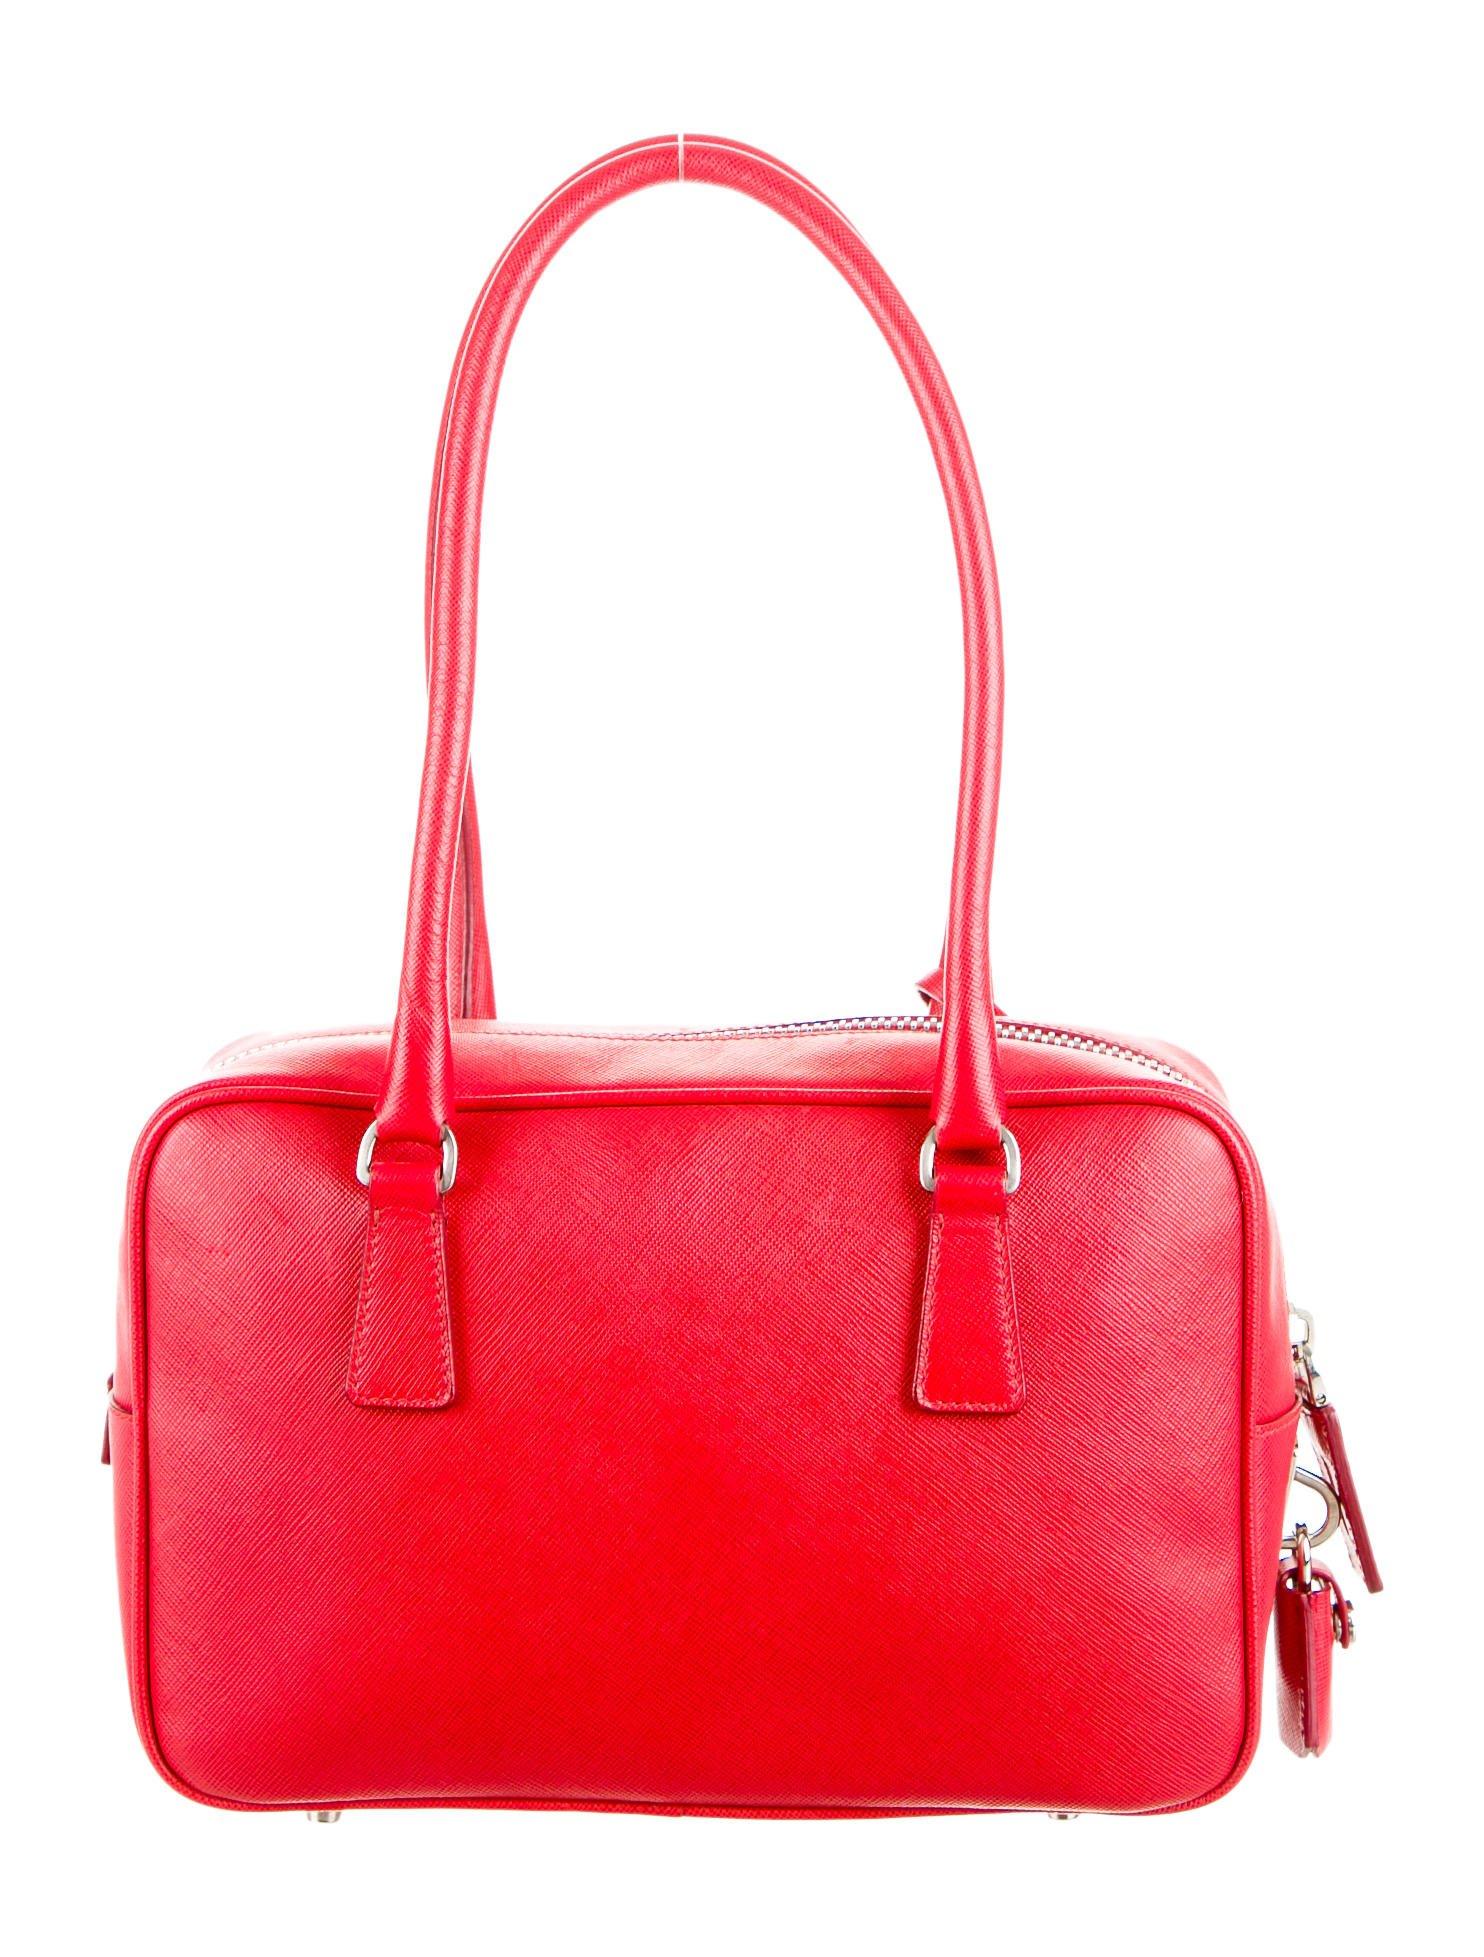 Red Prada Bauletto Shoulder Bag BL0637